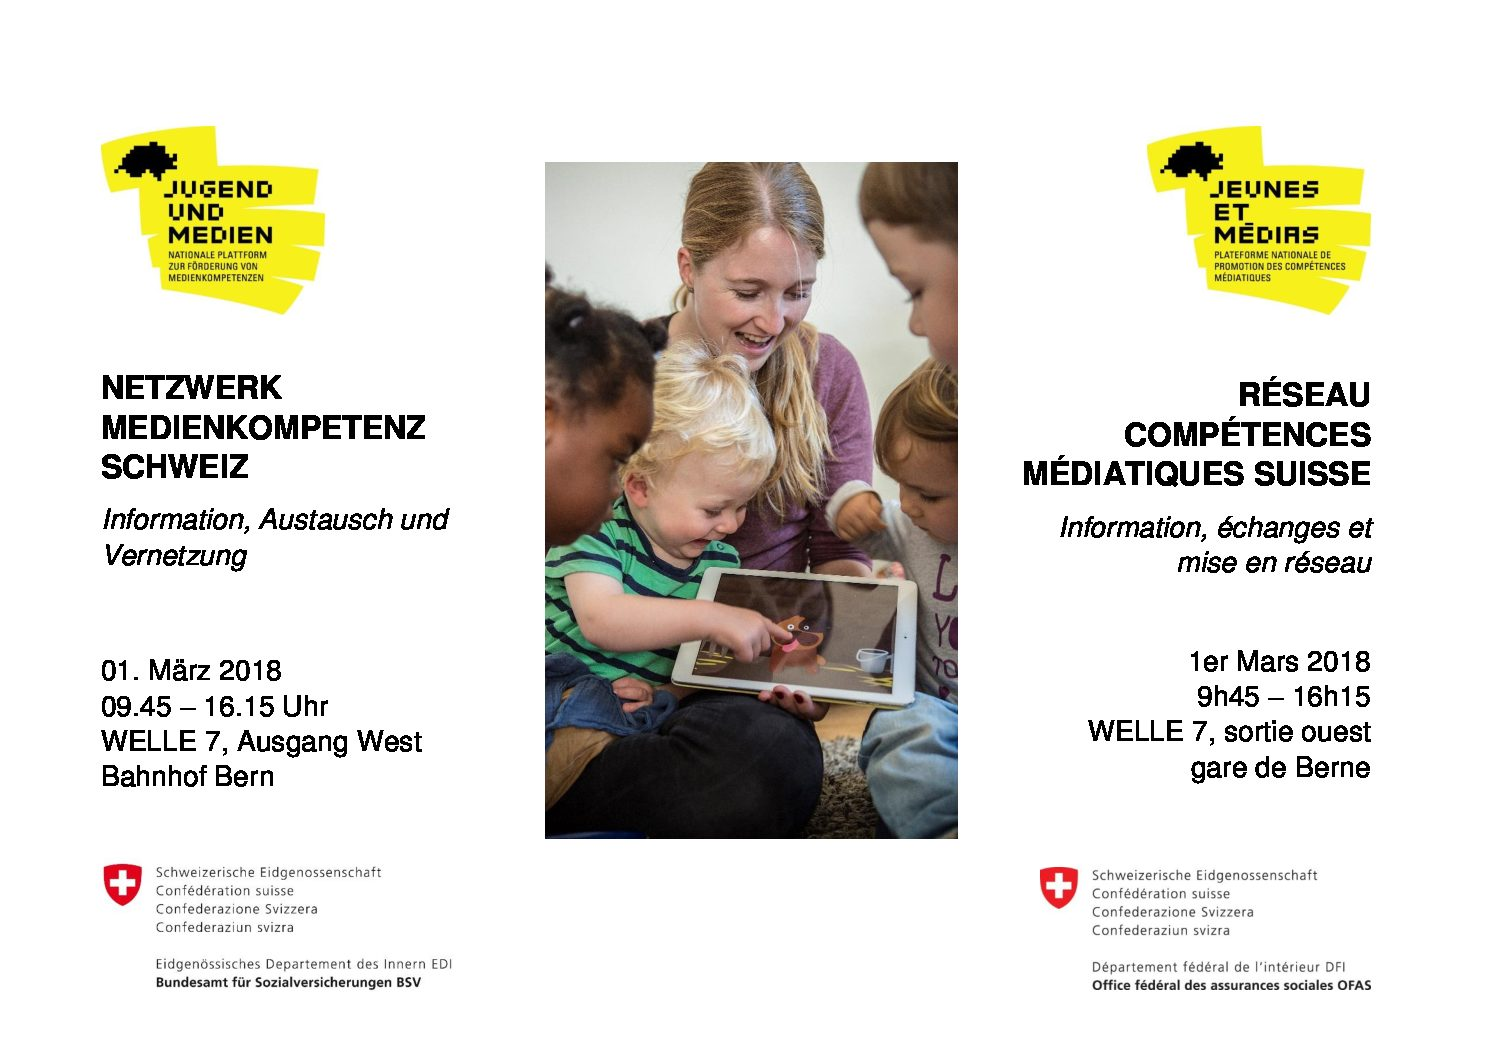 """Rückblick """"Netzwerk Medienkompetenz Schweiz"""", 01.03.18"""